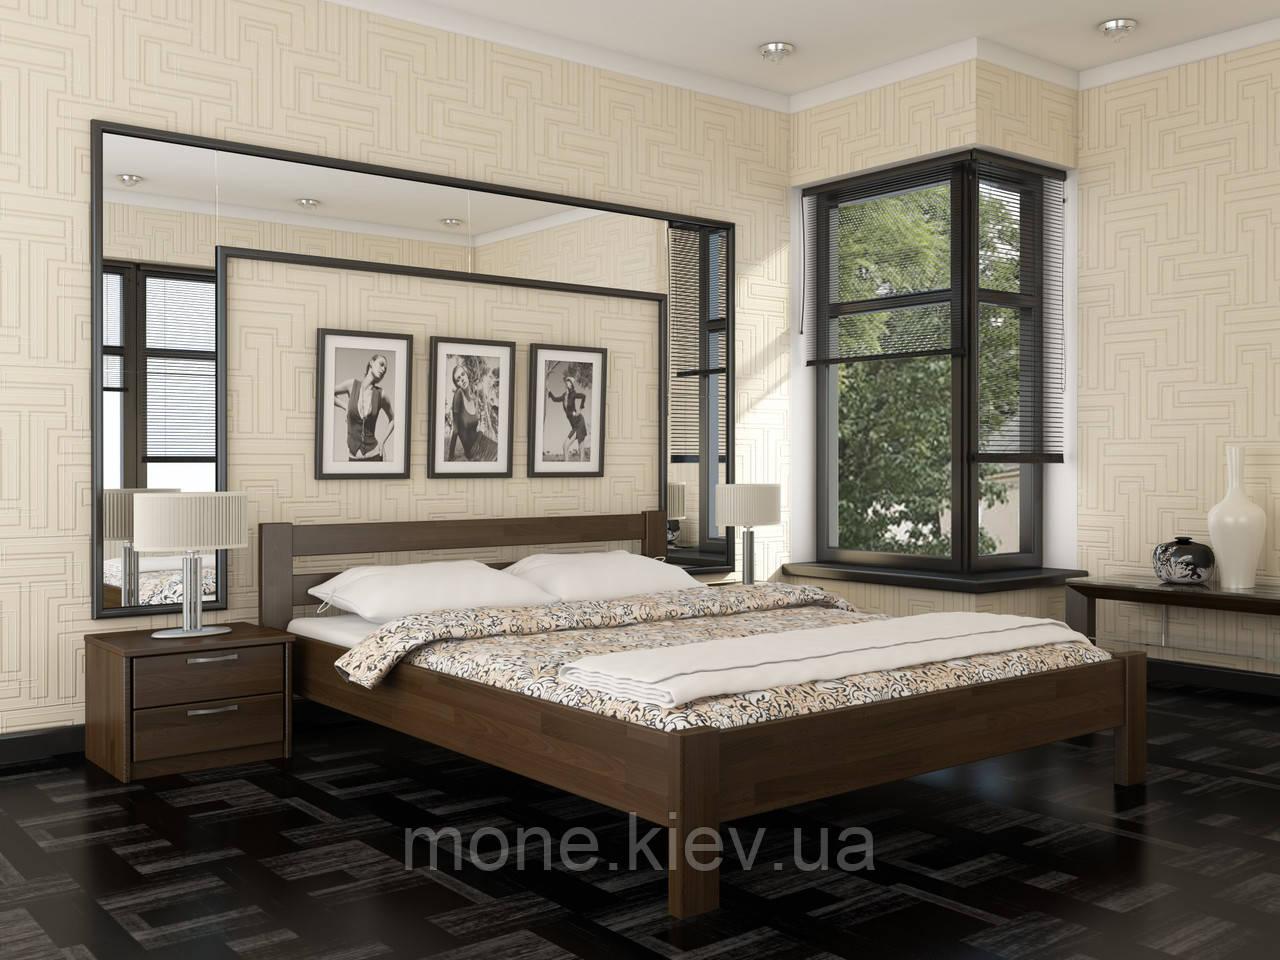 Кровать двуспальная Рената  деревянная из бука